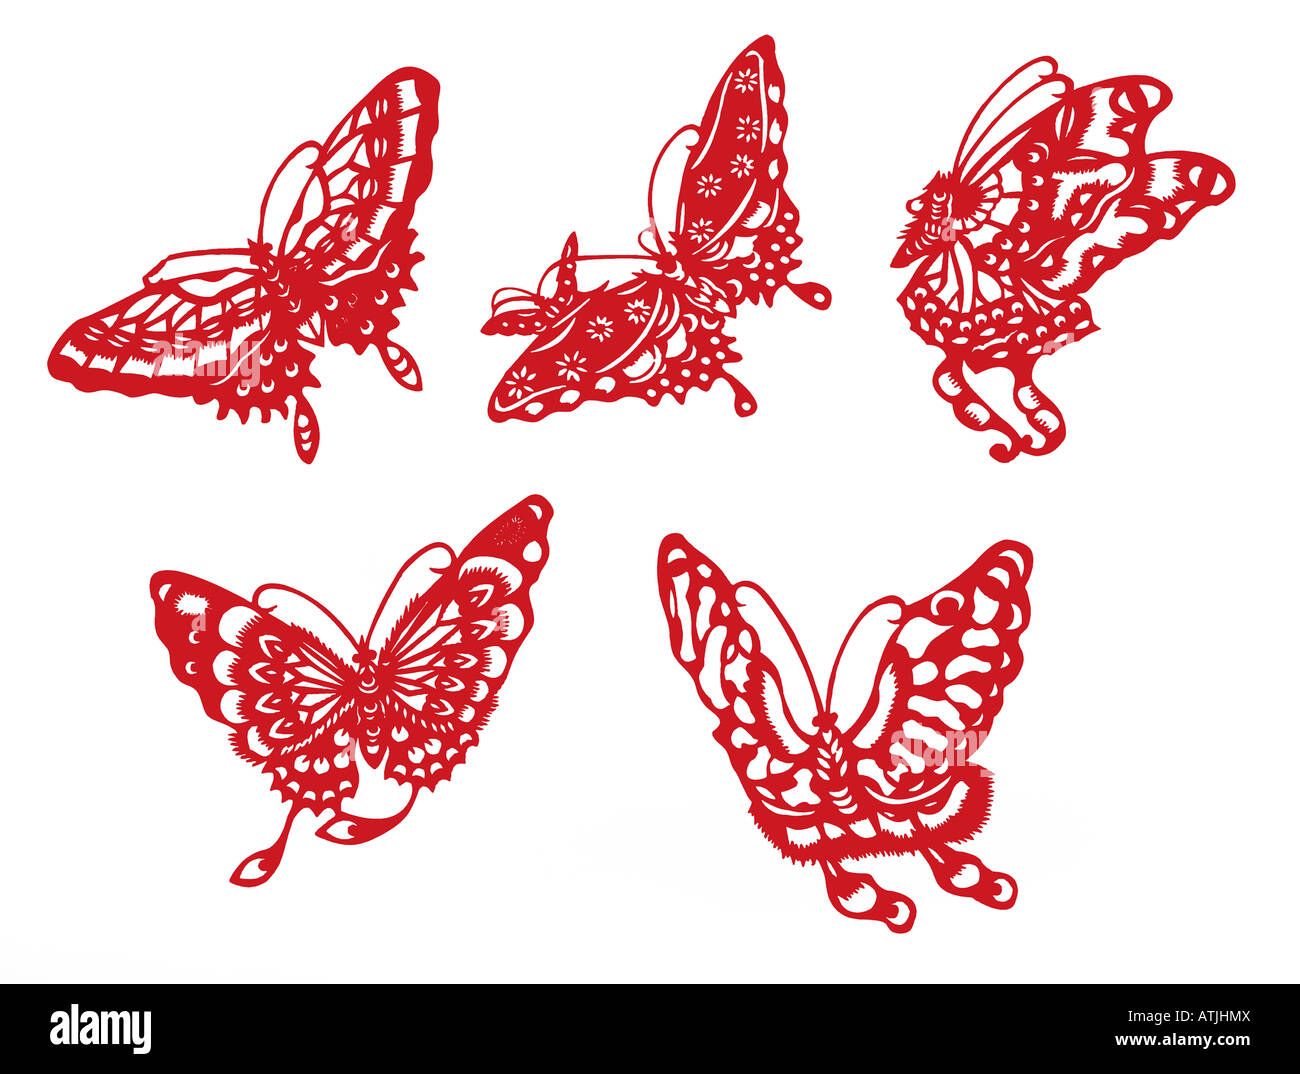 Schmetterling-Silhouette mit Beschneidungspfad Stockbild